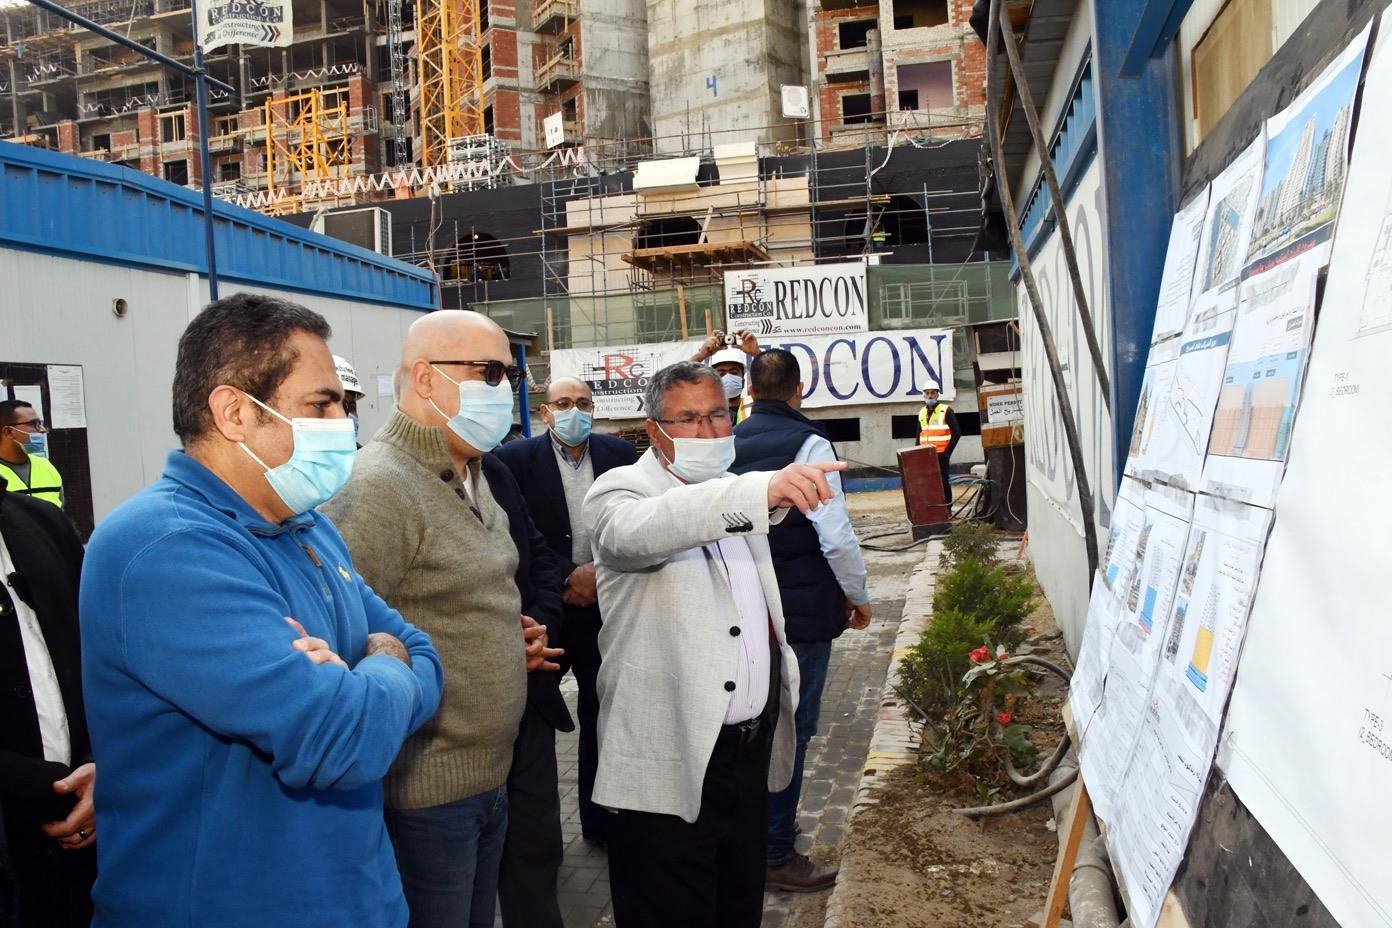 صور | وزير الإسكان يتفقد مشروعى تطوير منطقتى سور مجرى العيون و مثلت ماسبيرو